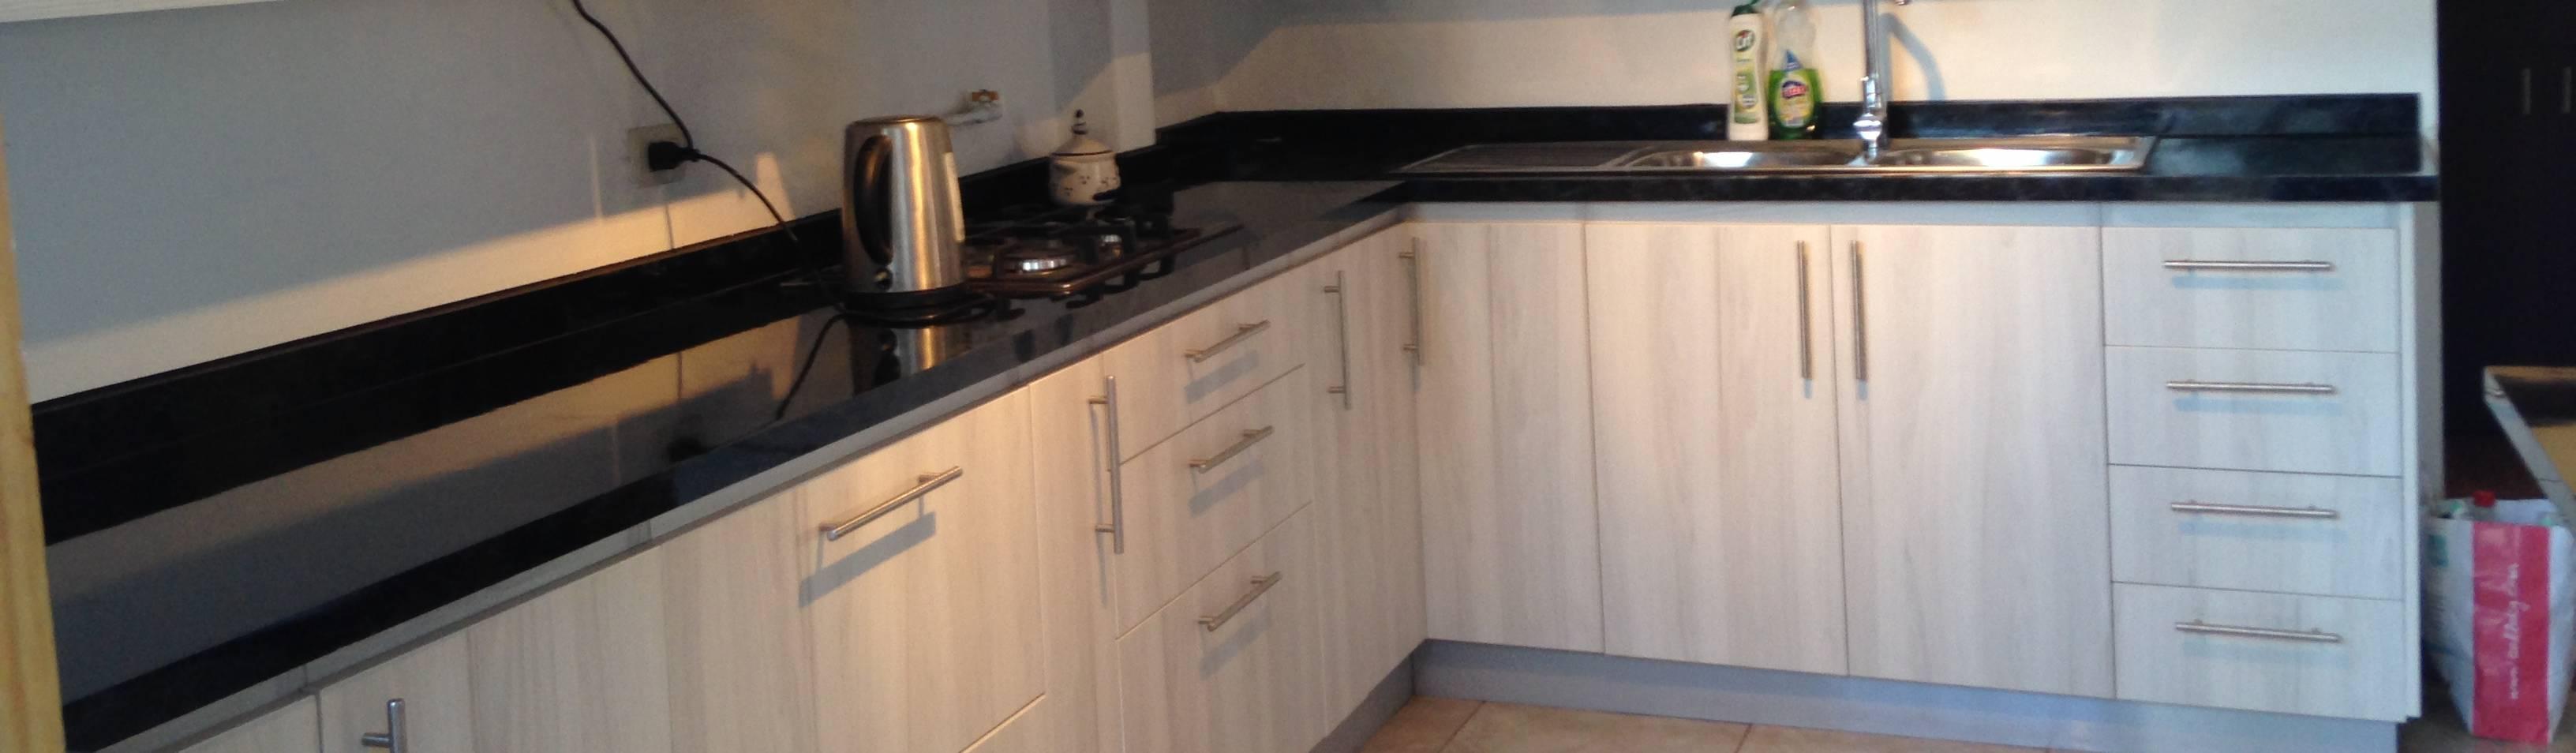 N.Muebles Diseños Limitada: Fabricantes de cocinas en viña del mar ...